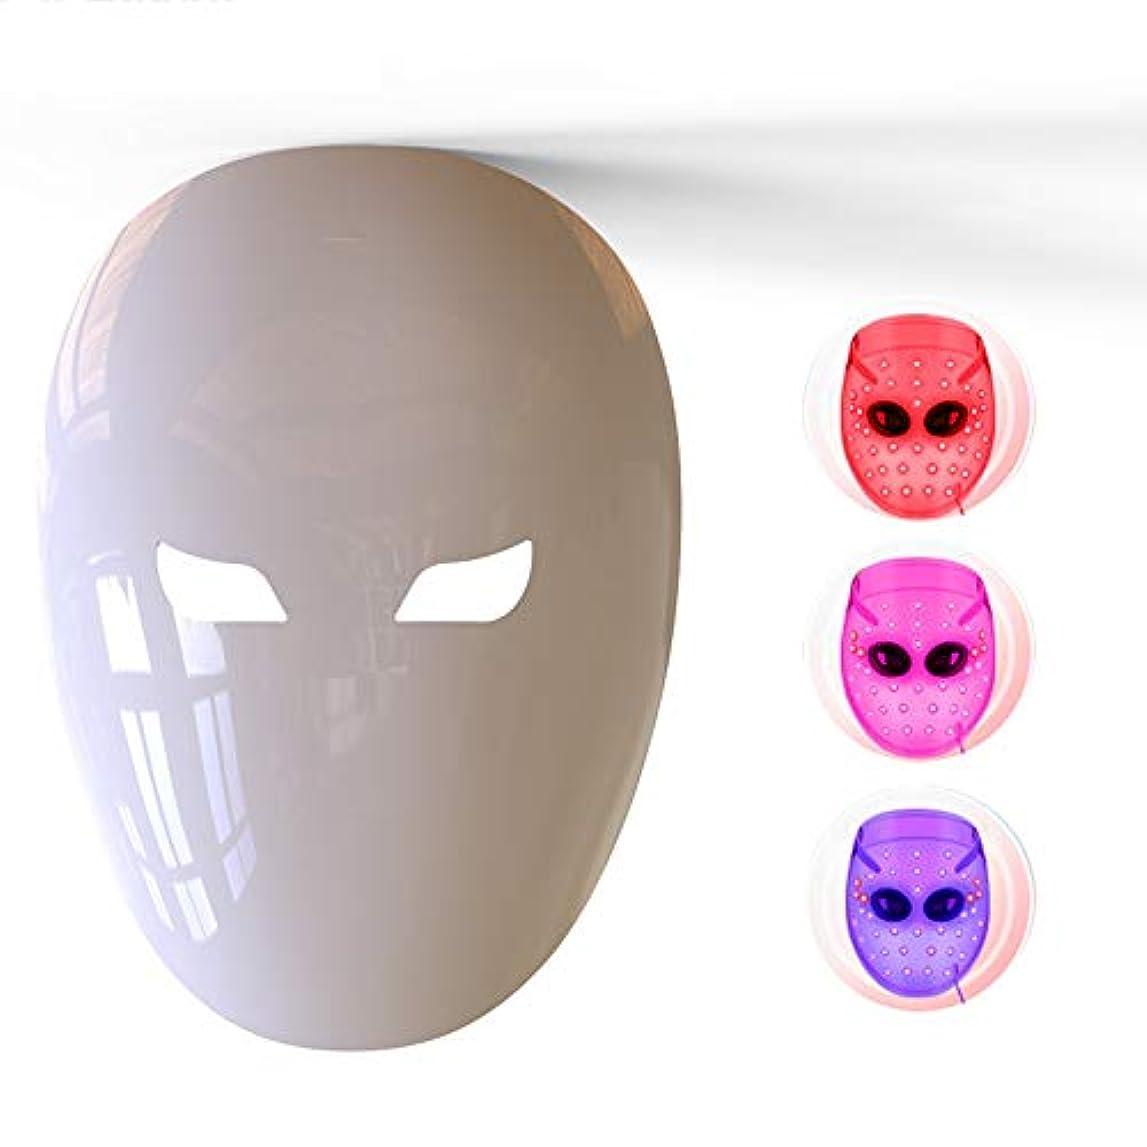 道路を作るプロセス治すぬいぐるみフェイスマスク、4色LEDの若返り、健康な肌の若返りのためのにきび、アンチエイジング、しわ、瘢痕化、肌の引き締め